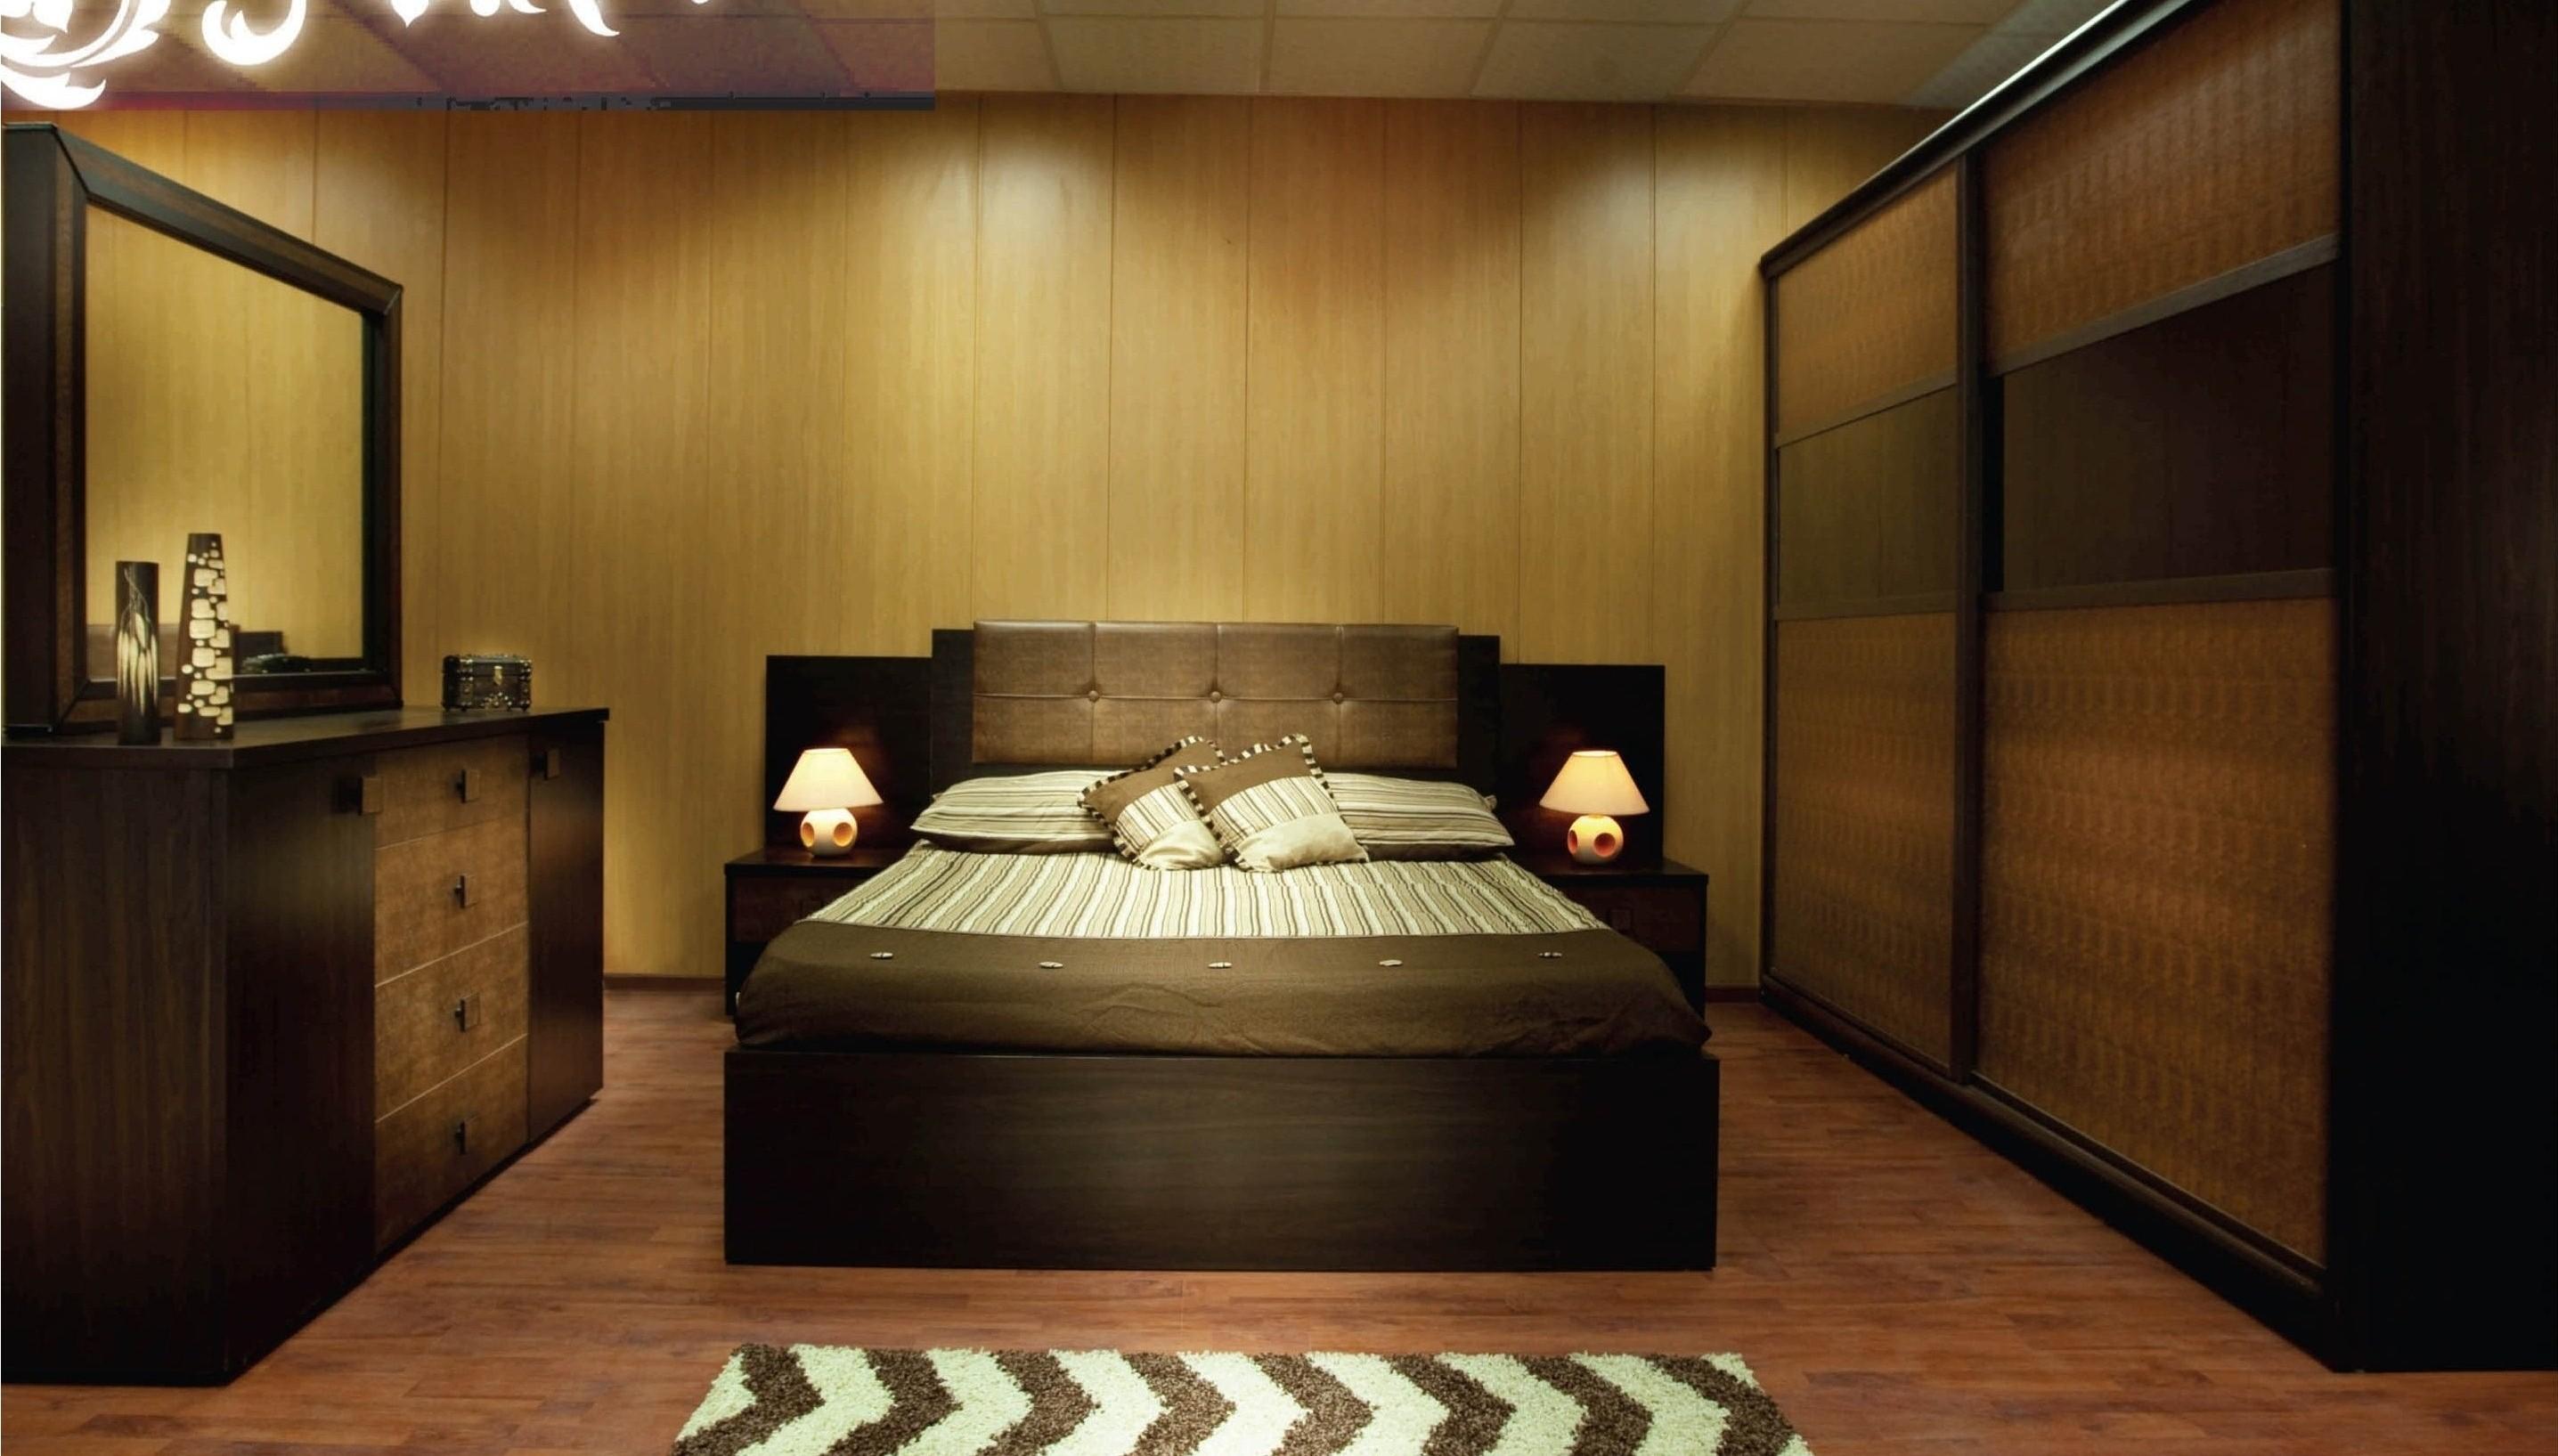 بالصور اجمل ديكورات غرف النوم , كوليكشن 2019 لغرف النوم 3452 4